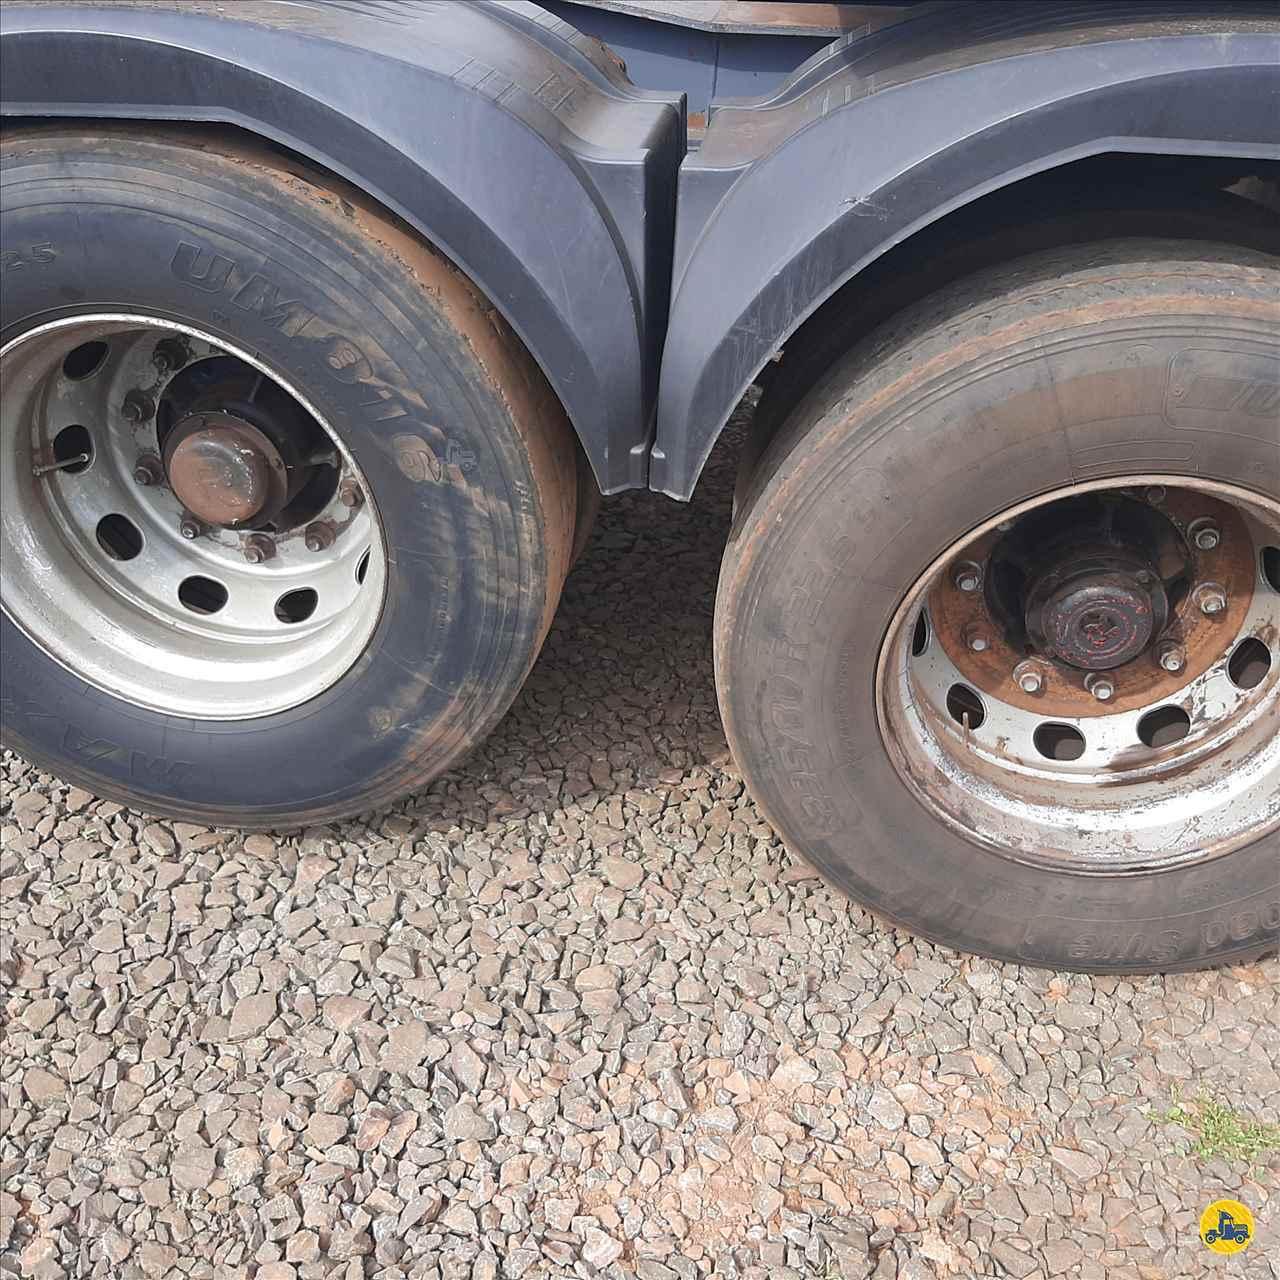 SCANIA SCANIA 124 420 1600000km 2006/2006 Megatruck Caminhões e Máquinas